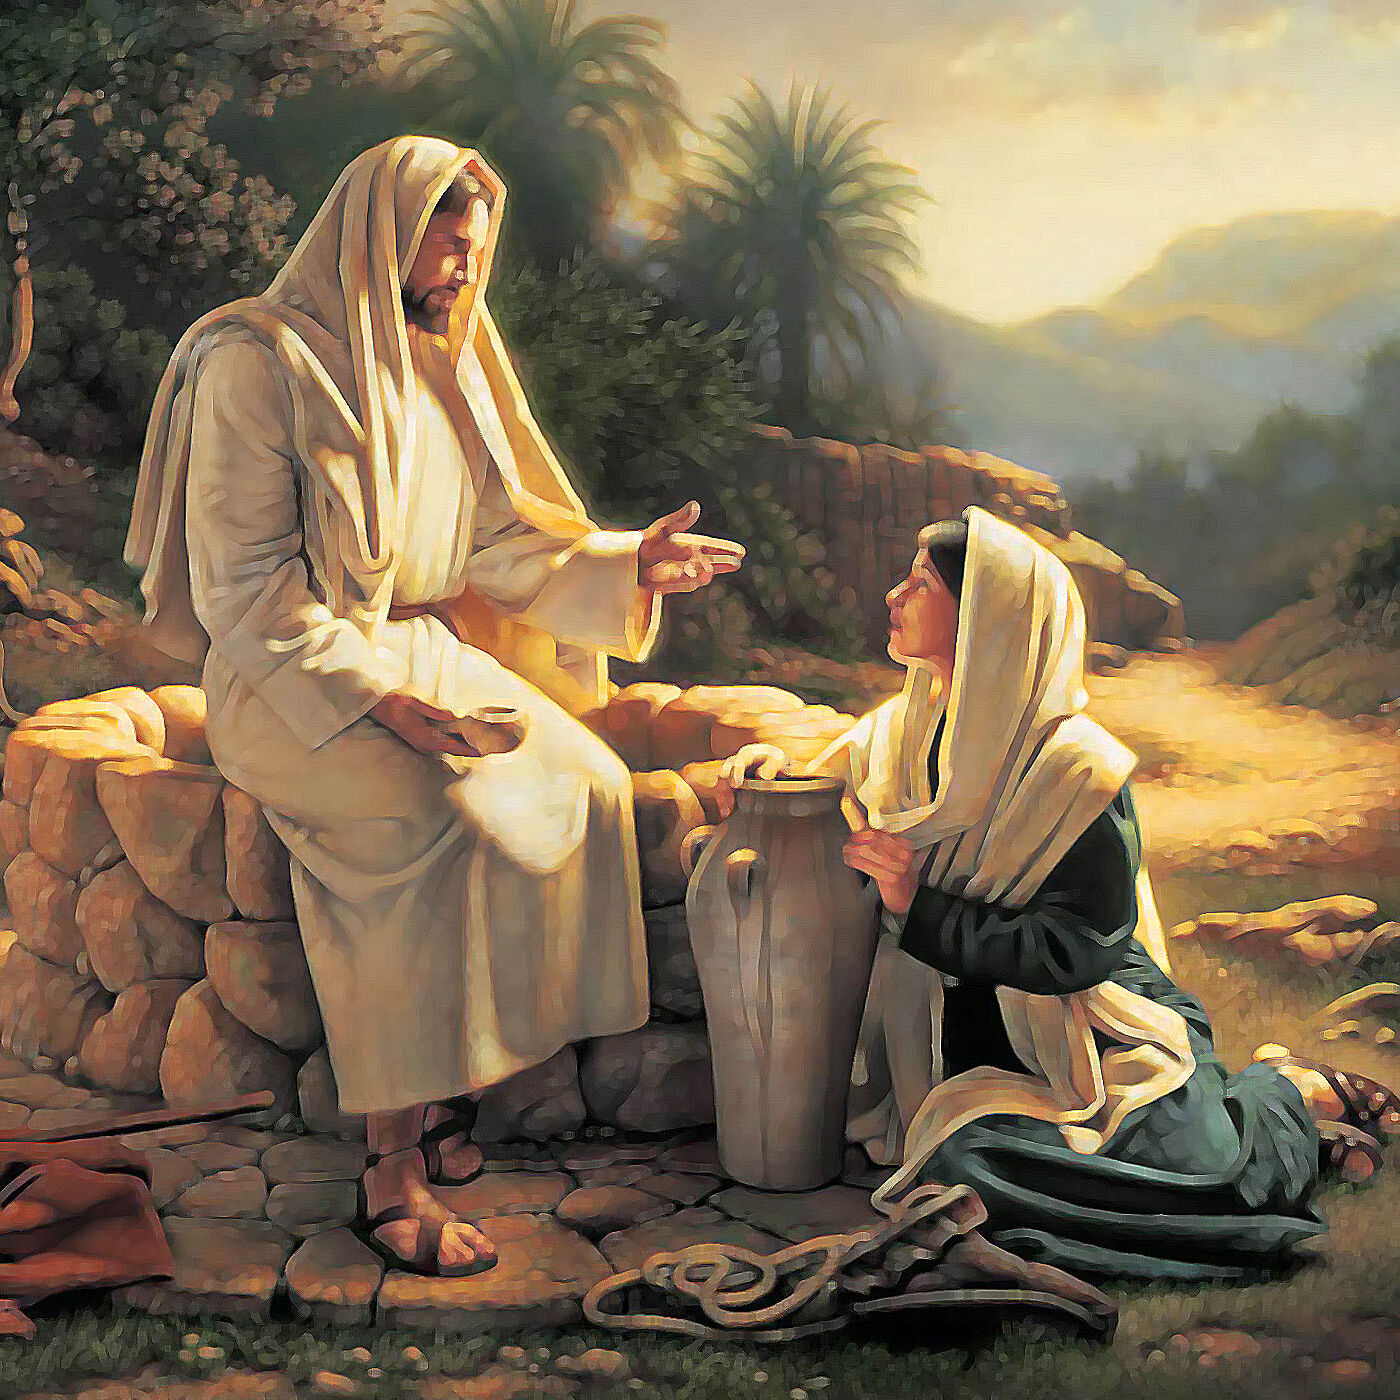 riflessioni sul Vangelo di Sabato 14 Novembre 2020 (Lc 18, 1-8) - Apostola Cherise